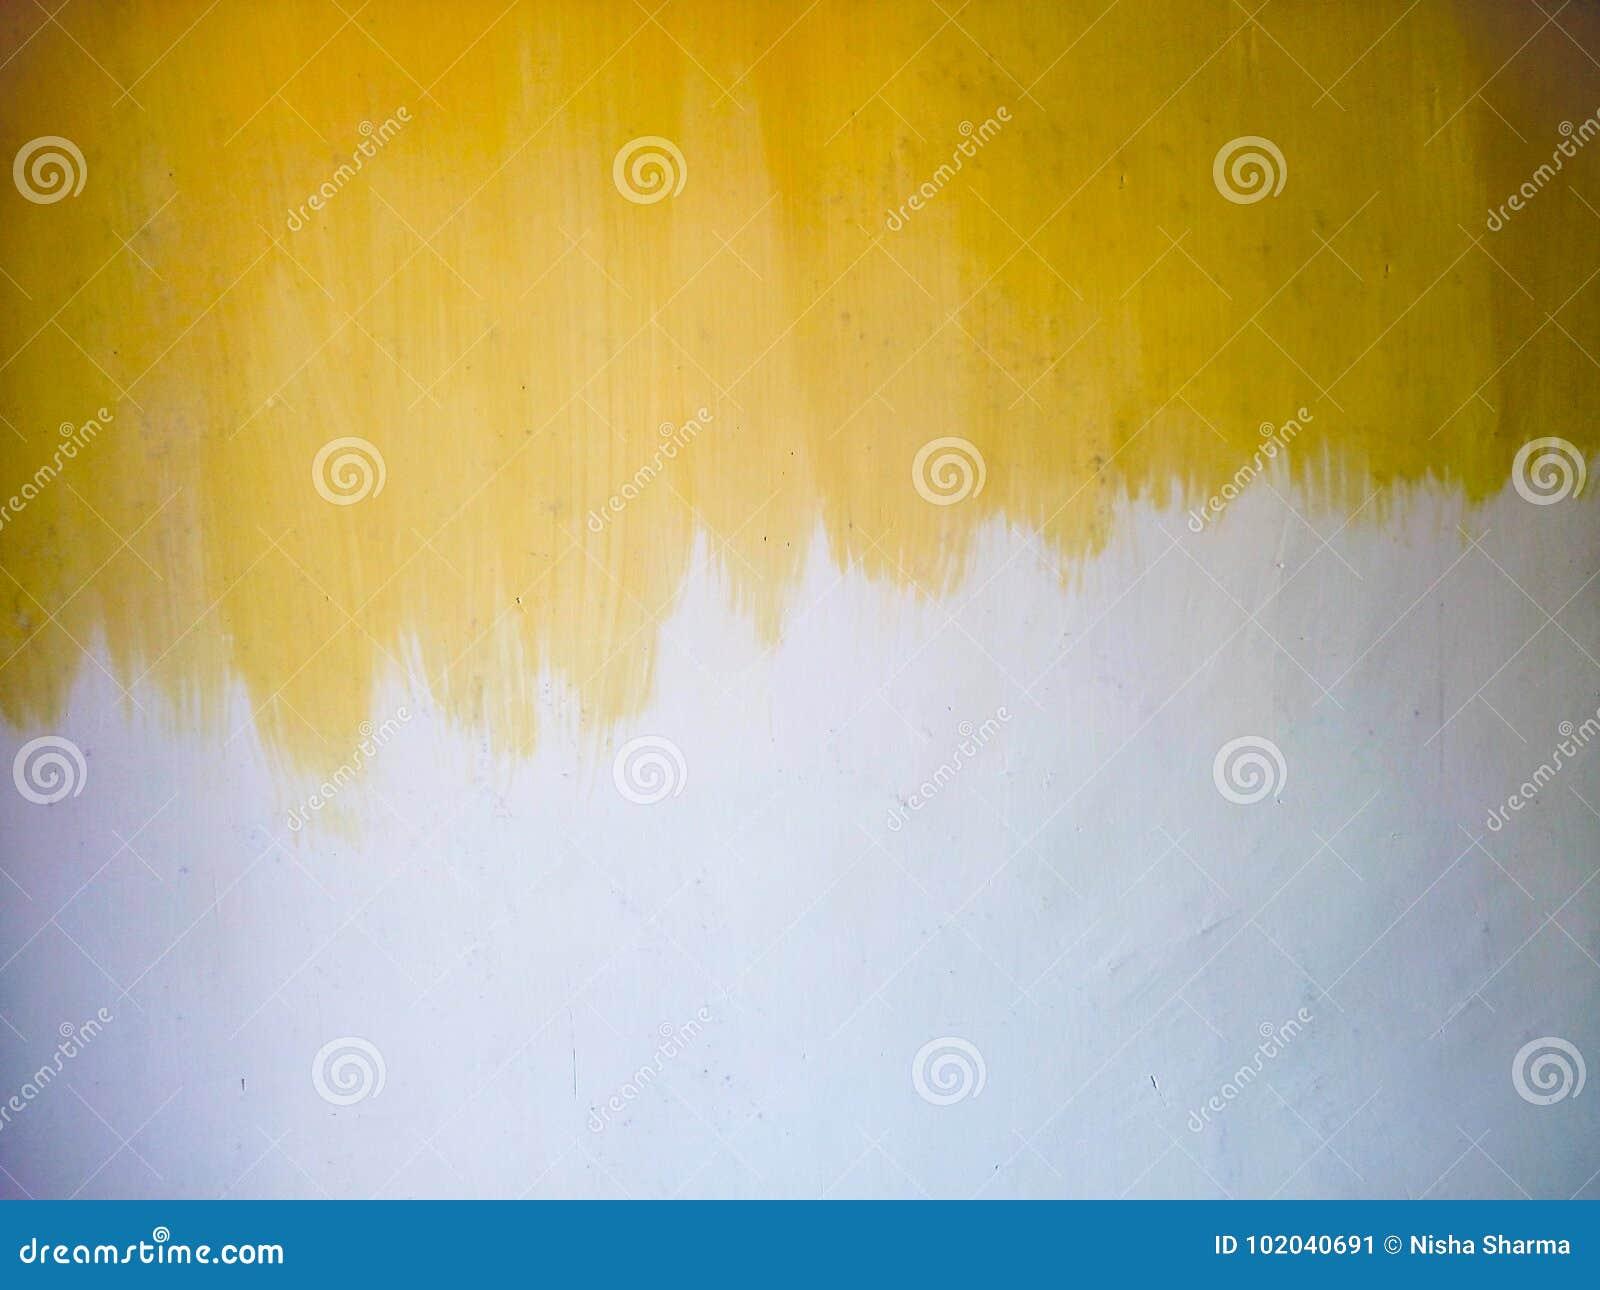 Half Geschilderde Muur : Half geschilderde muur stock afbeelding afbeelding bestaande uit